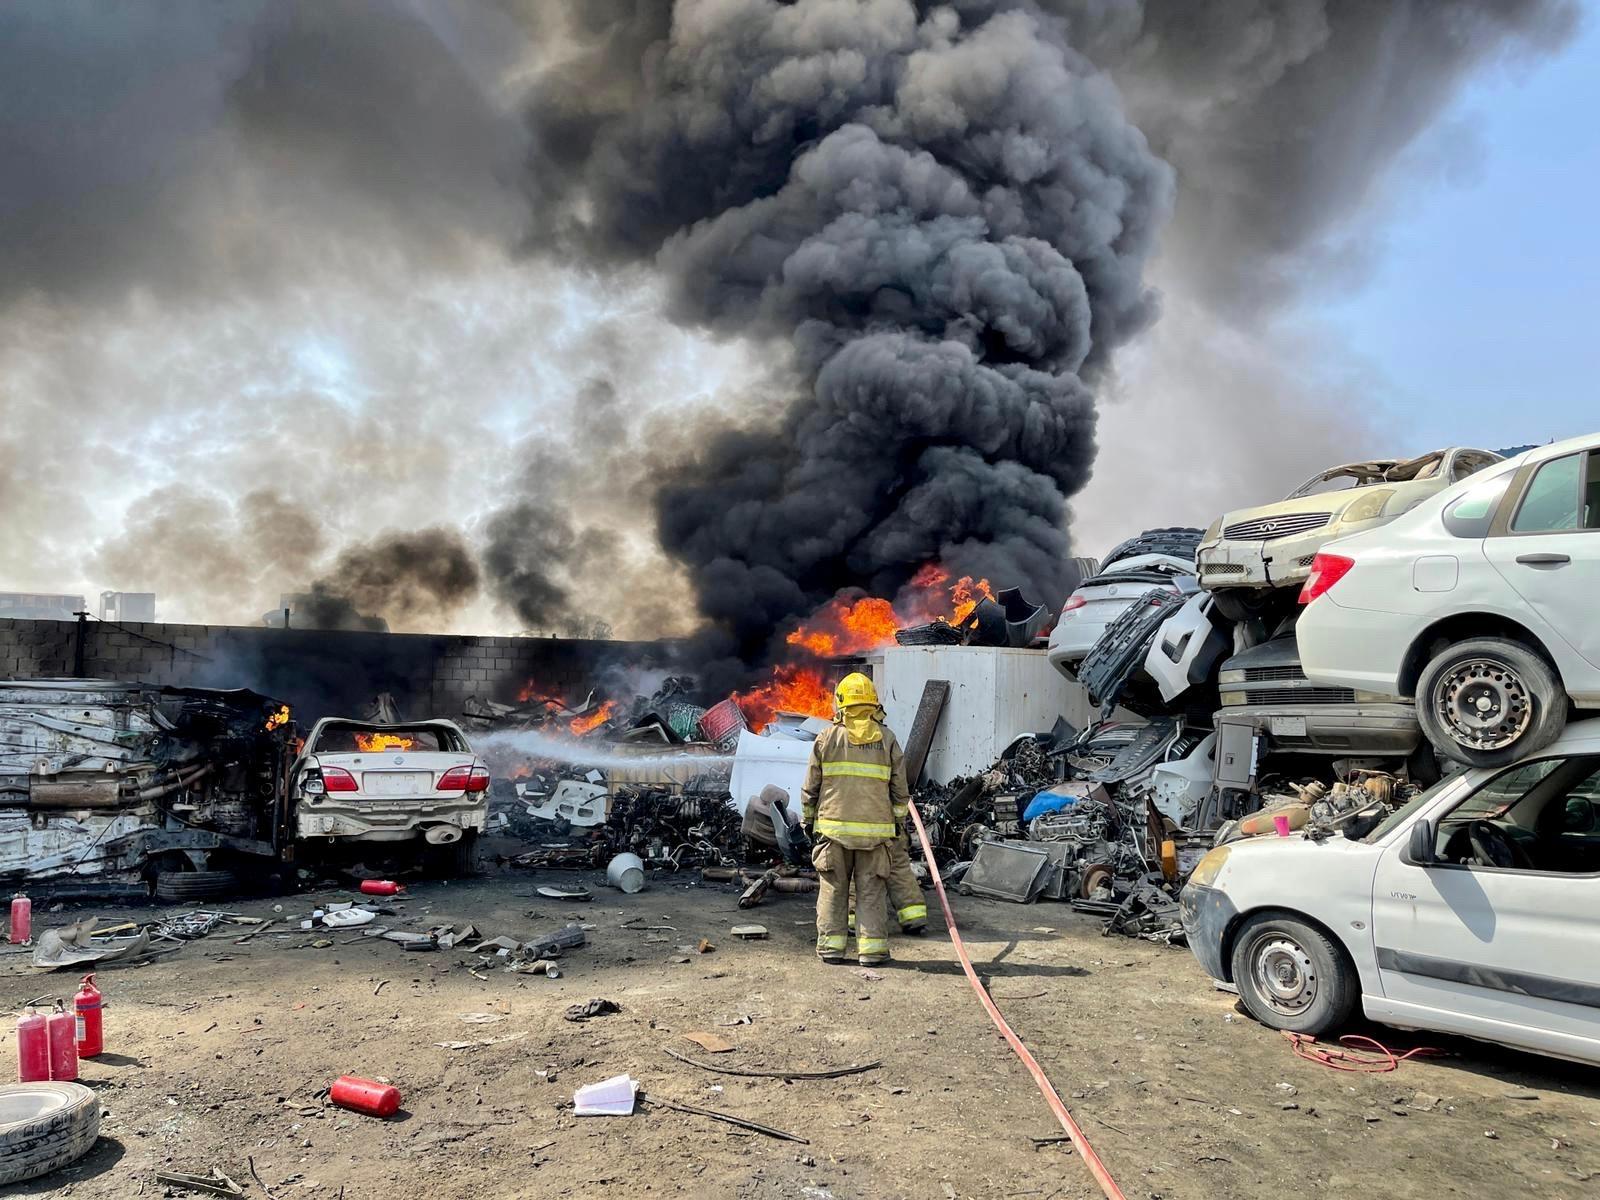 ٢٠٢١٠٧٢٥ ١٤١٨٤٥ - #الإطفاء: 4 فرق تسيطر على حريق اندلع في «سكراب النعايم».   #العبدلي_نيوز